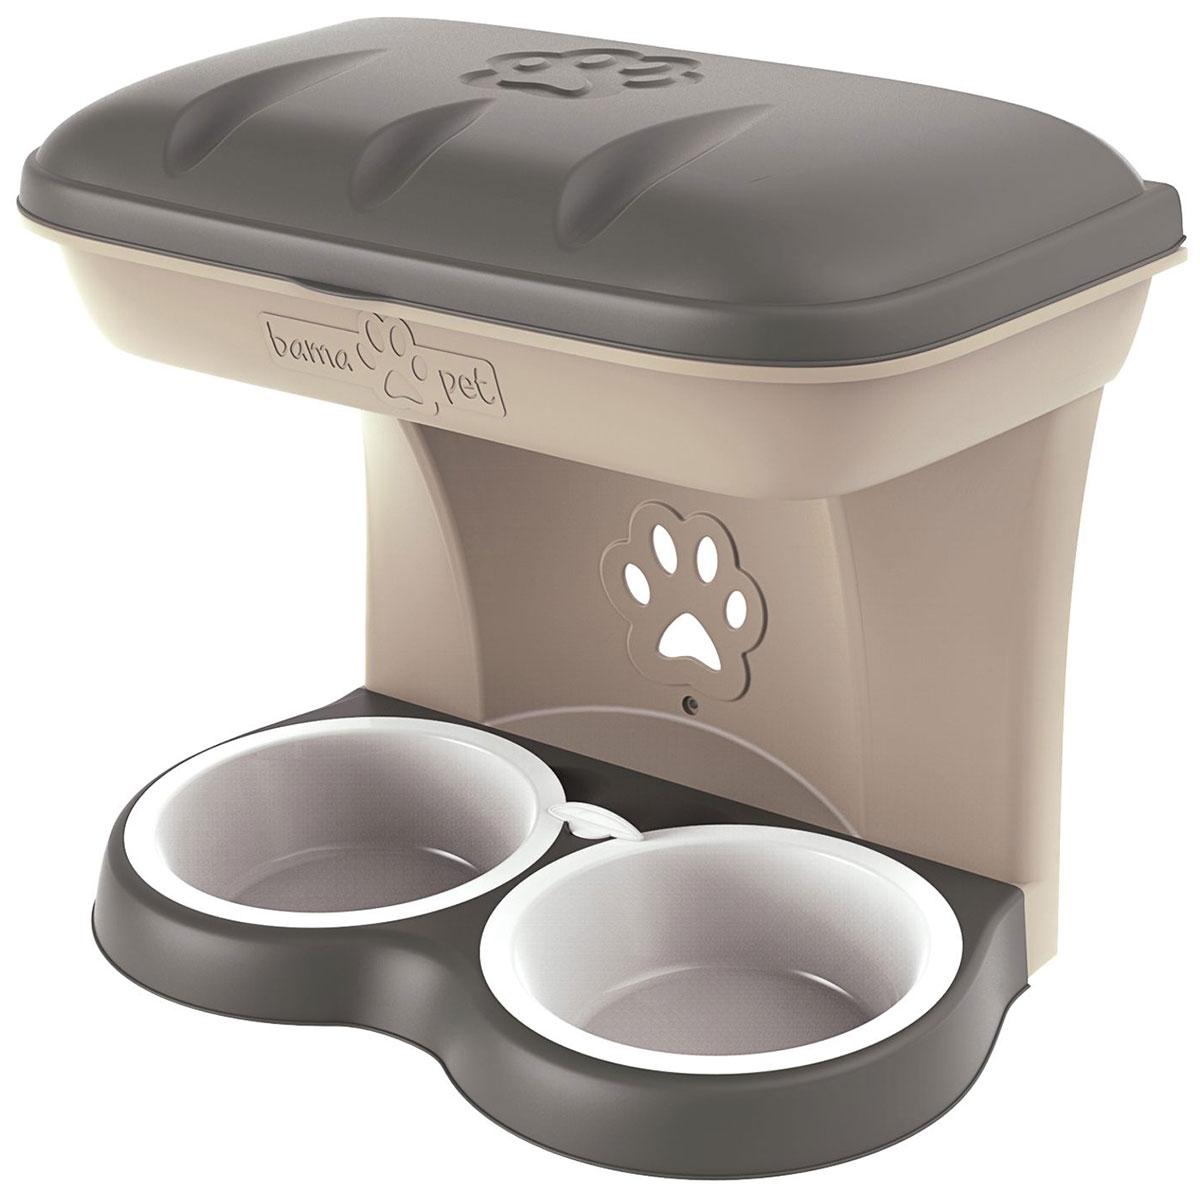 Миска настенная двойная для собак Bama Pet бежевая 2200 мл 50 х 29 х 52 см (1 шт)